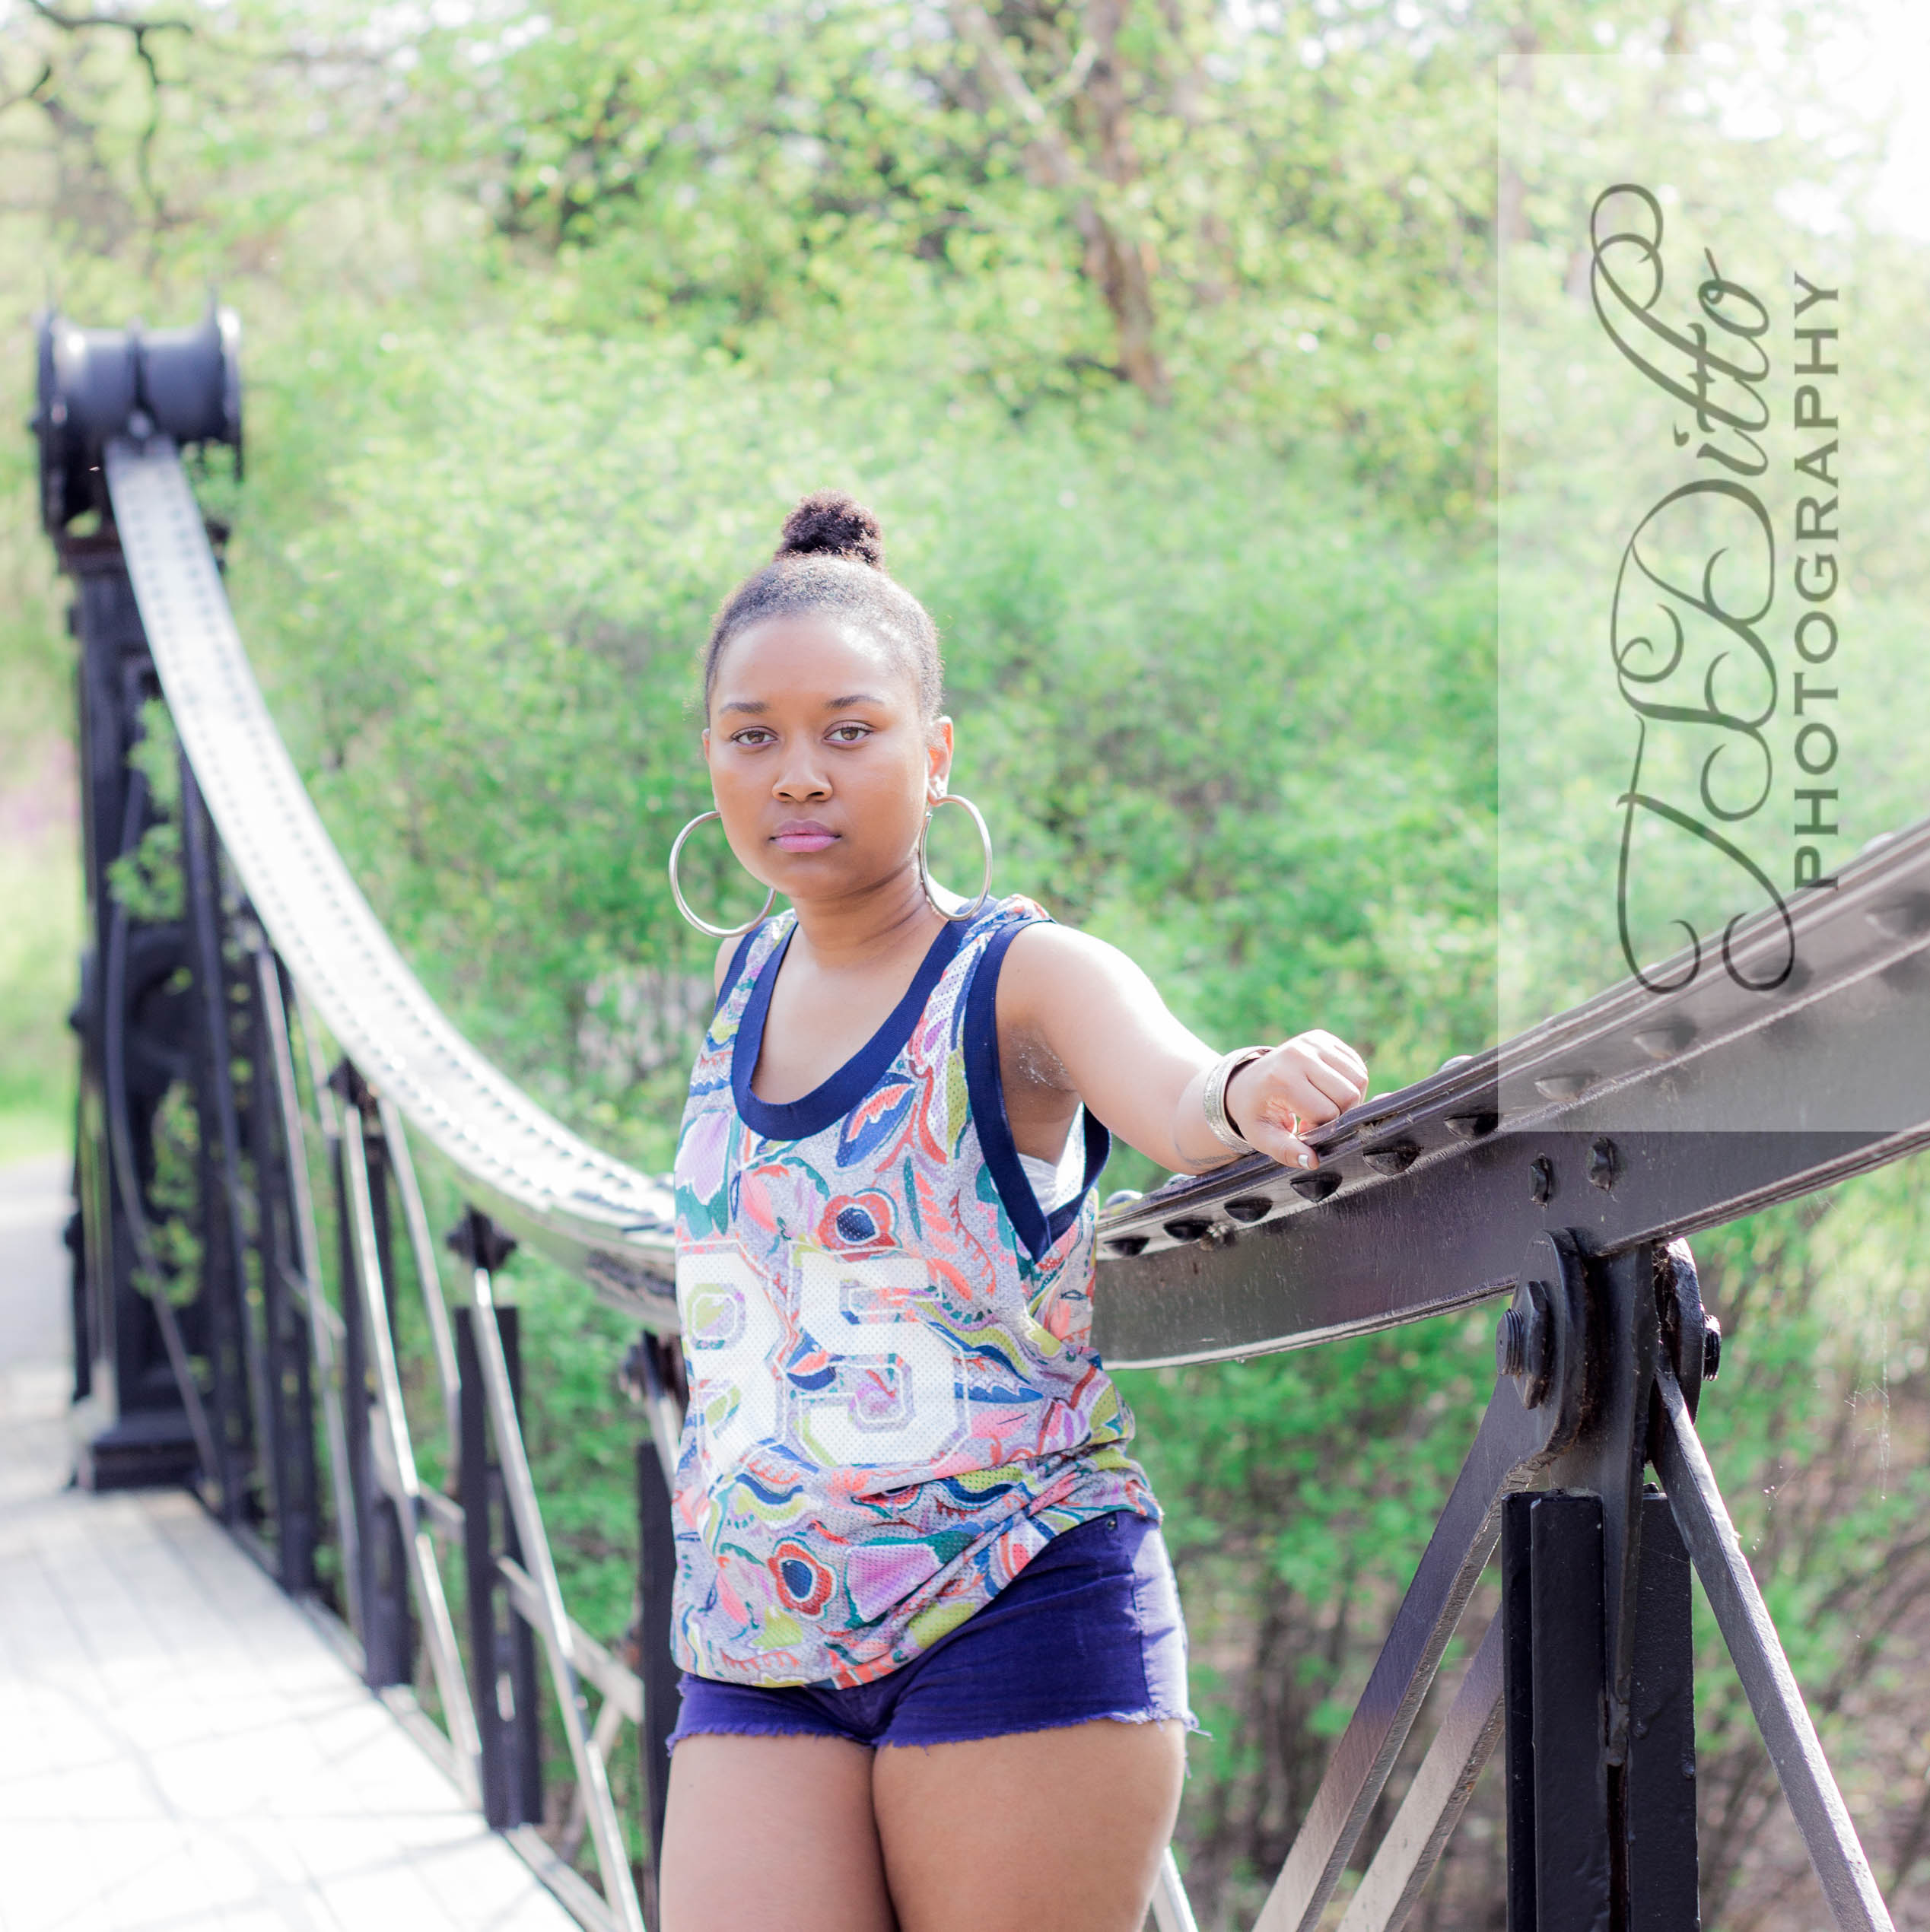 Missy in the park-13.jpg